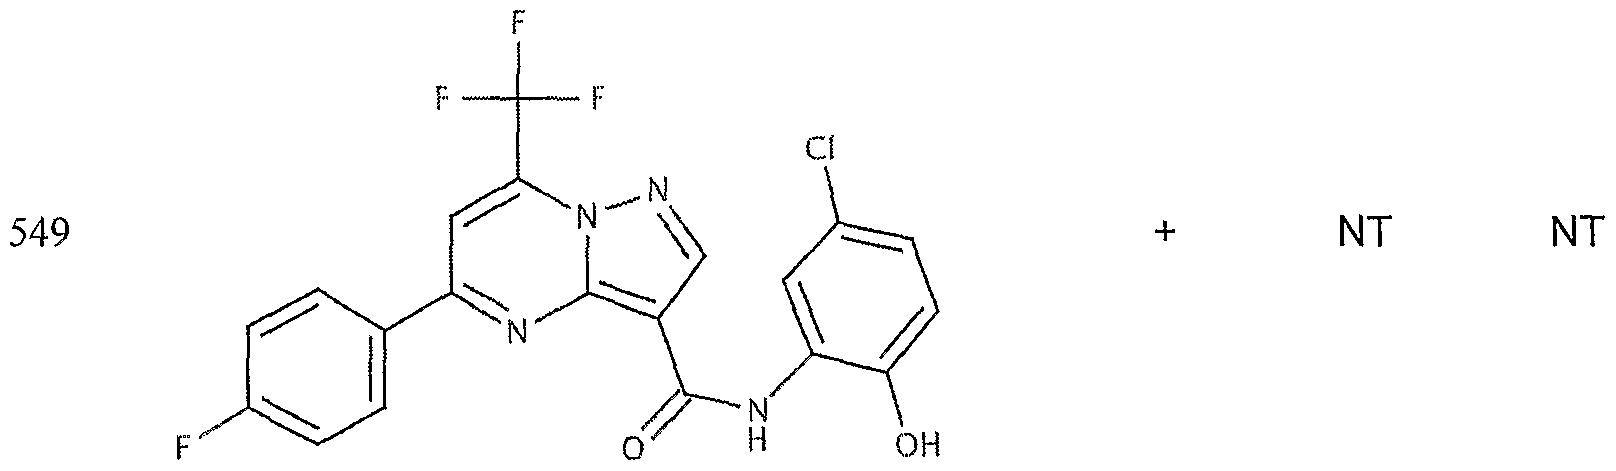 Figure imgf000213_0003